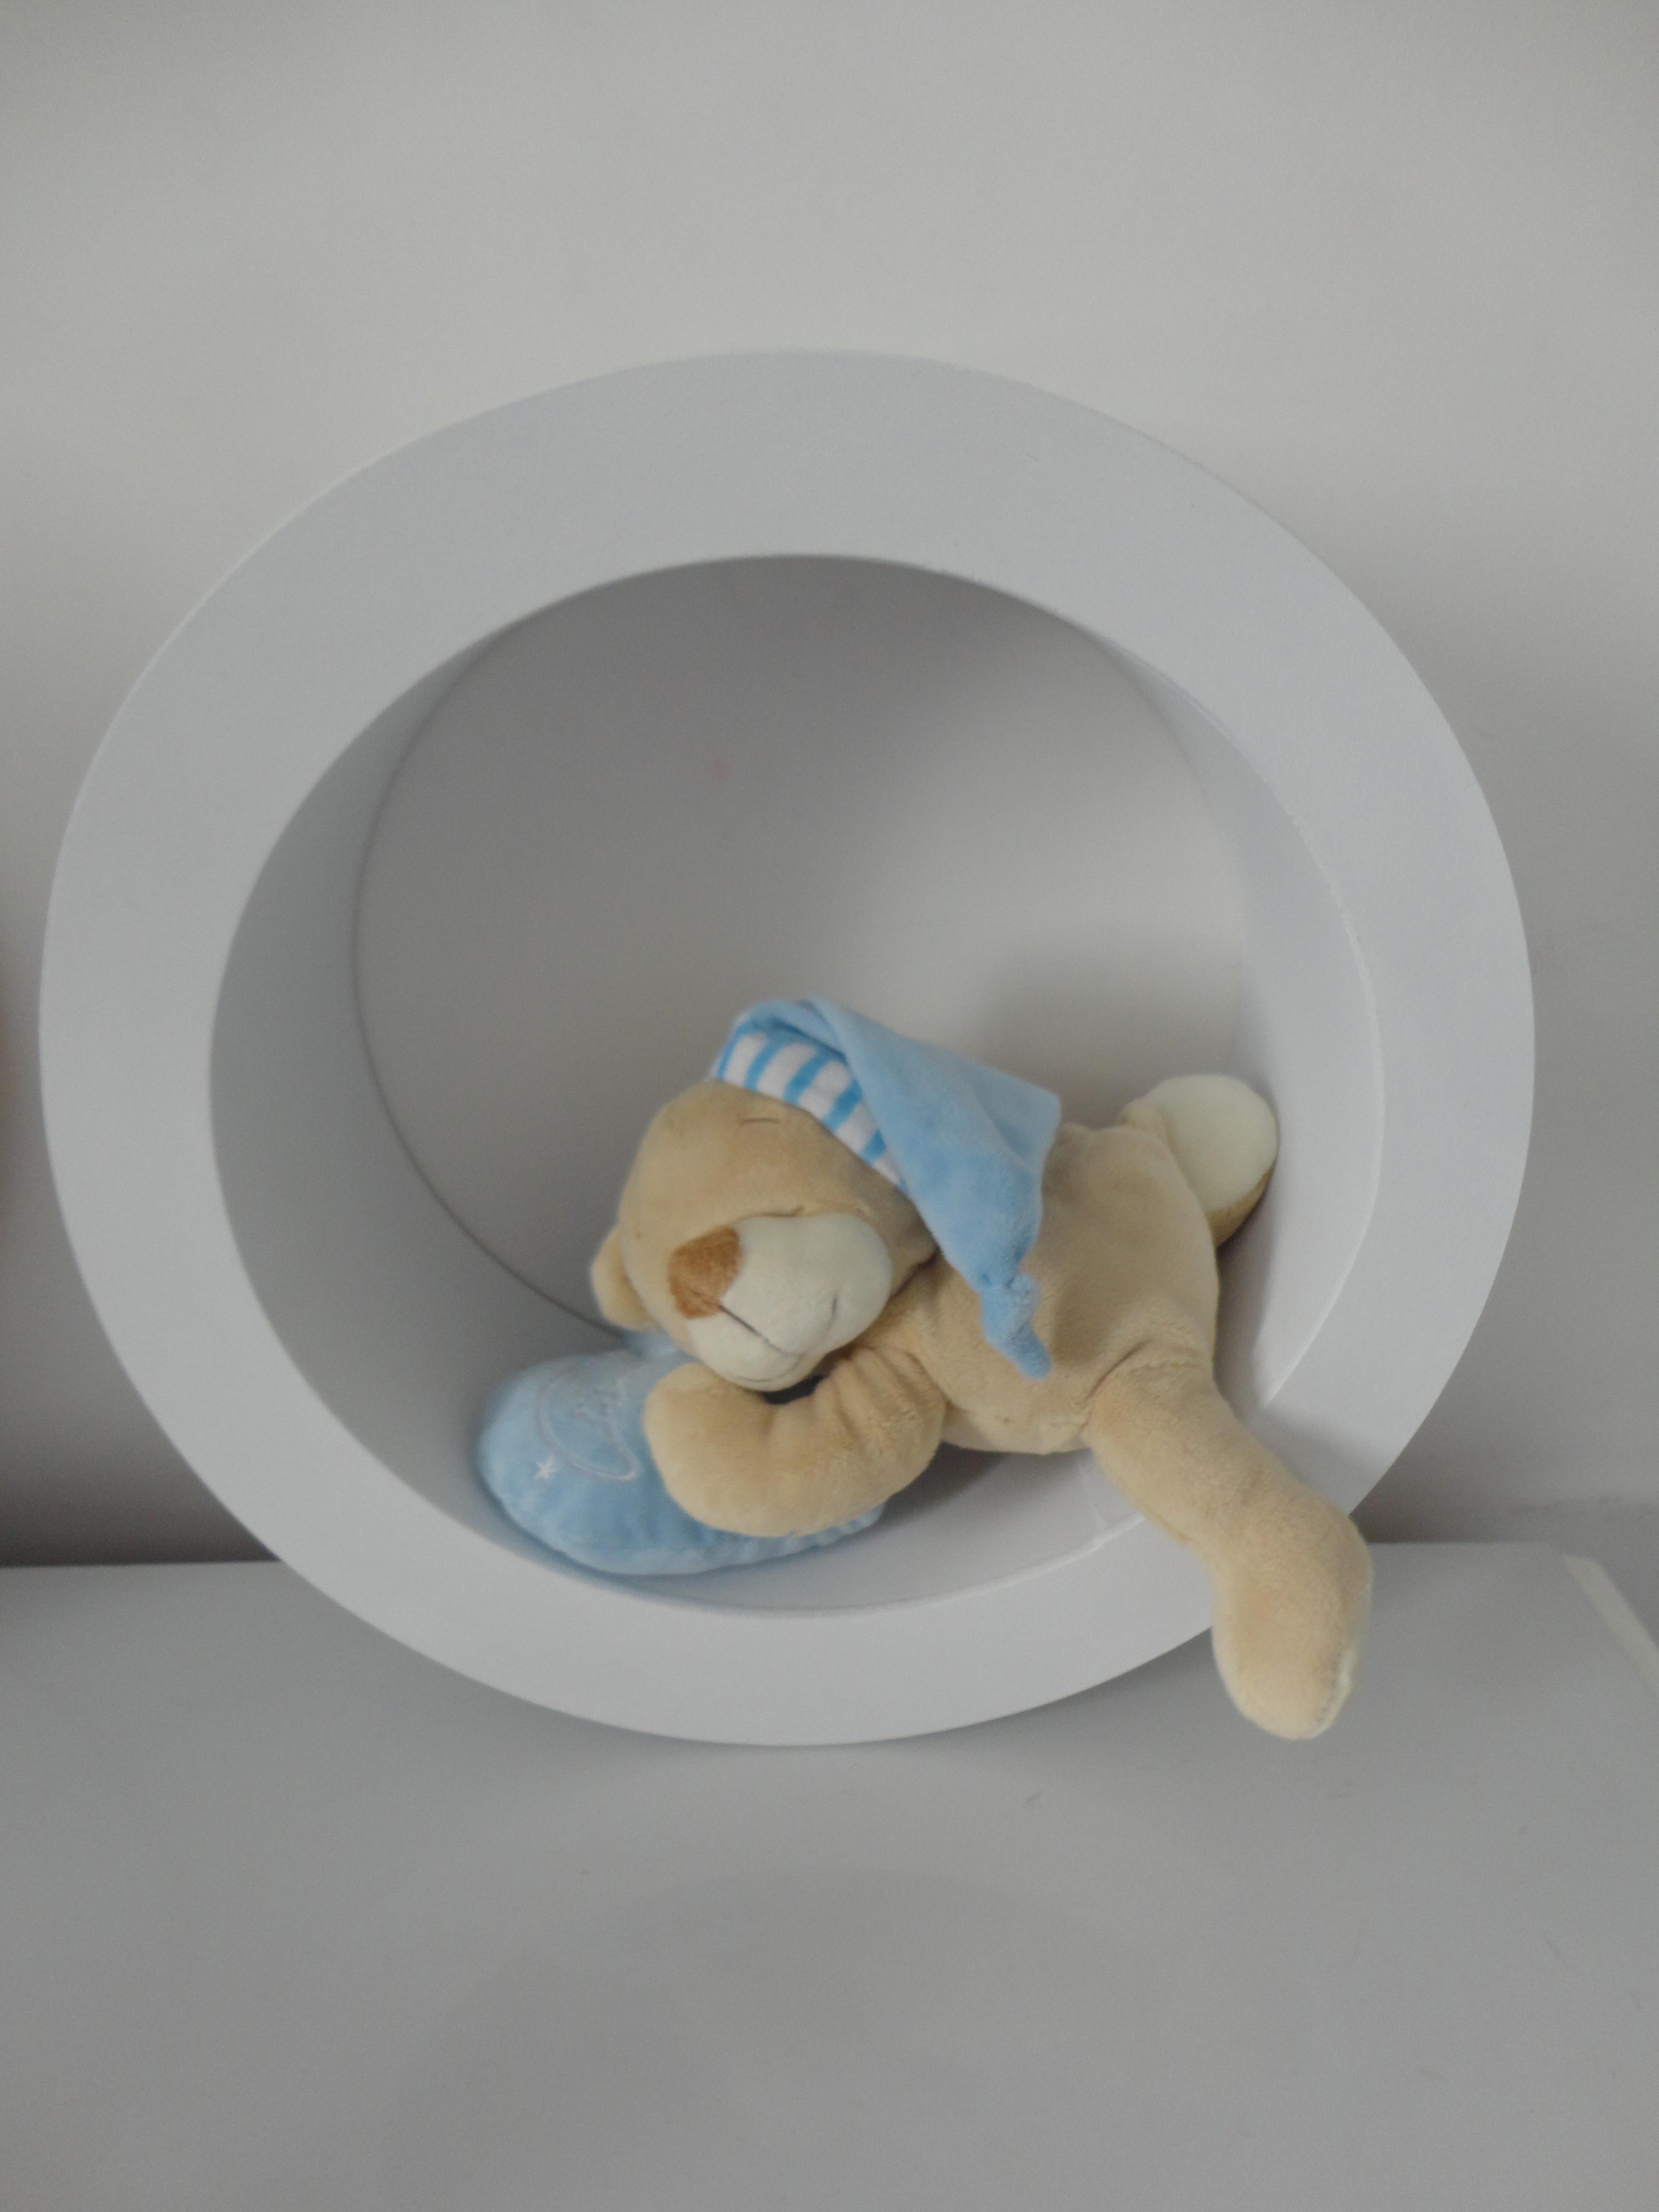 Quarto Para Bebe Urso Soninho Rosa ~ nicho redondo soninho urso dorminhoco nicho redondo soninho nicho com